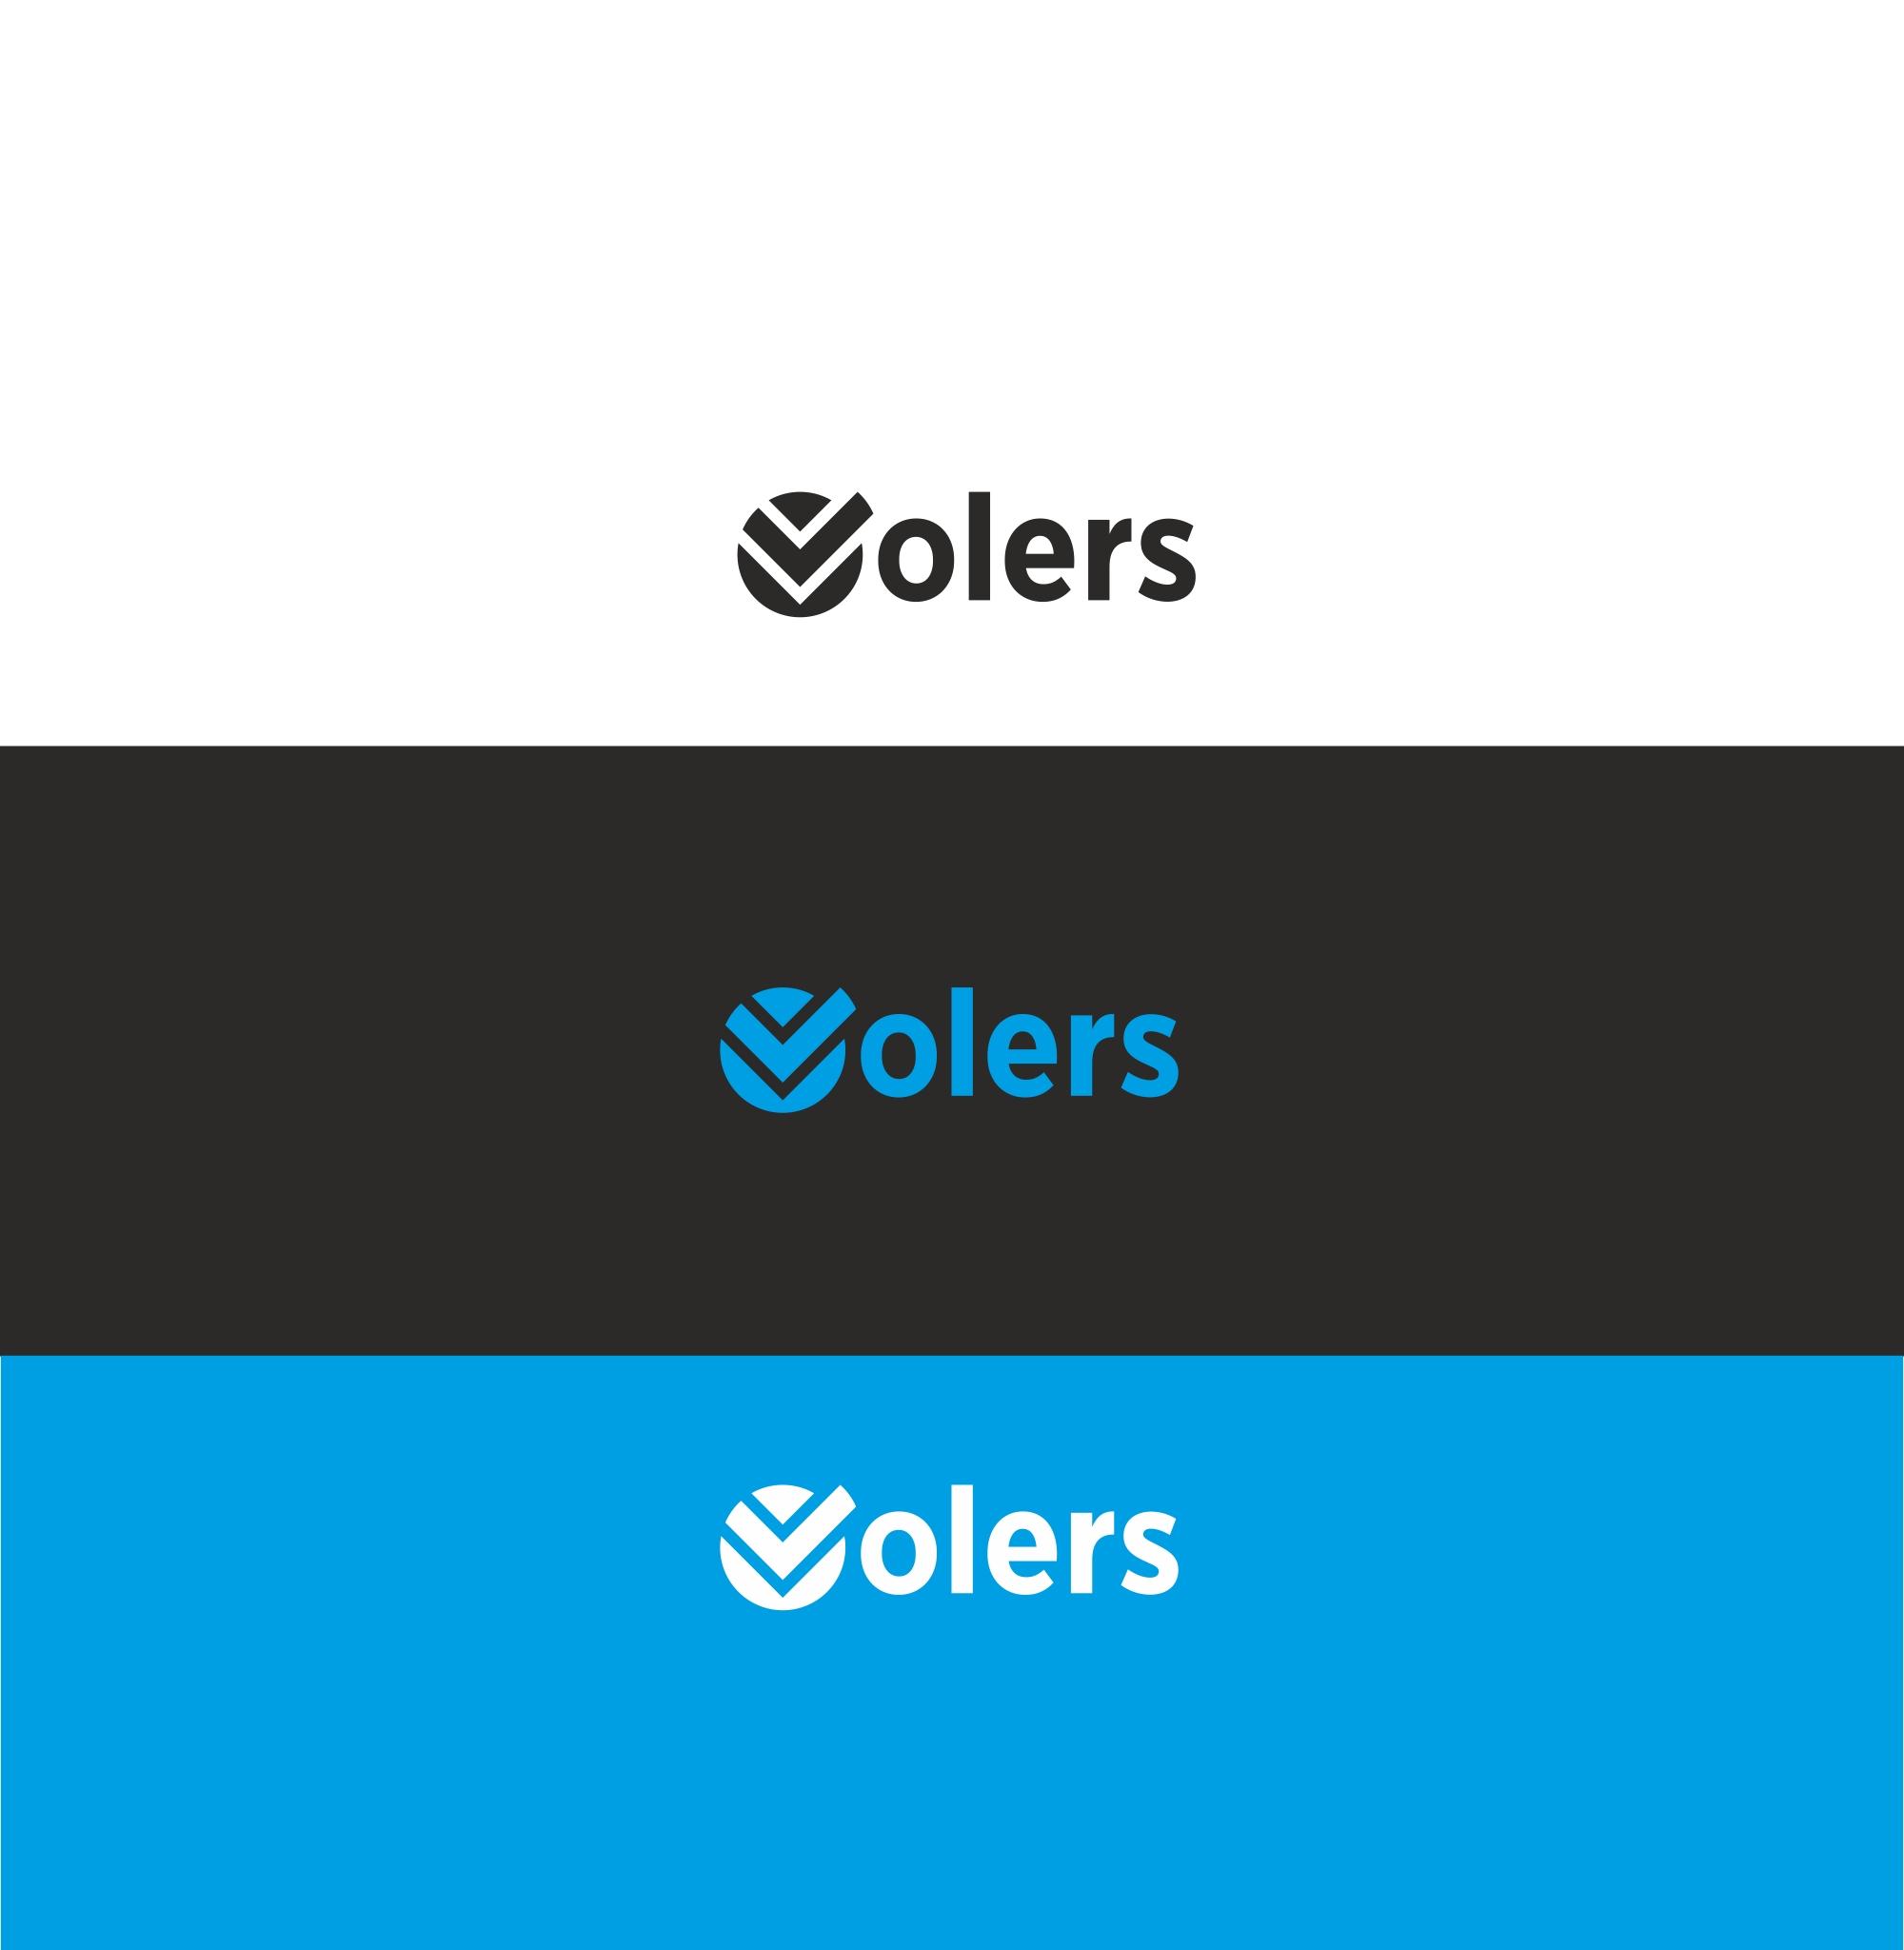 Обновить текущий логотип  фото f_2805d485c14295be.jpg